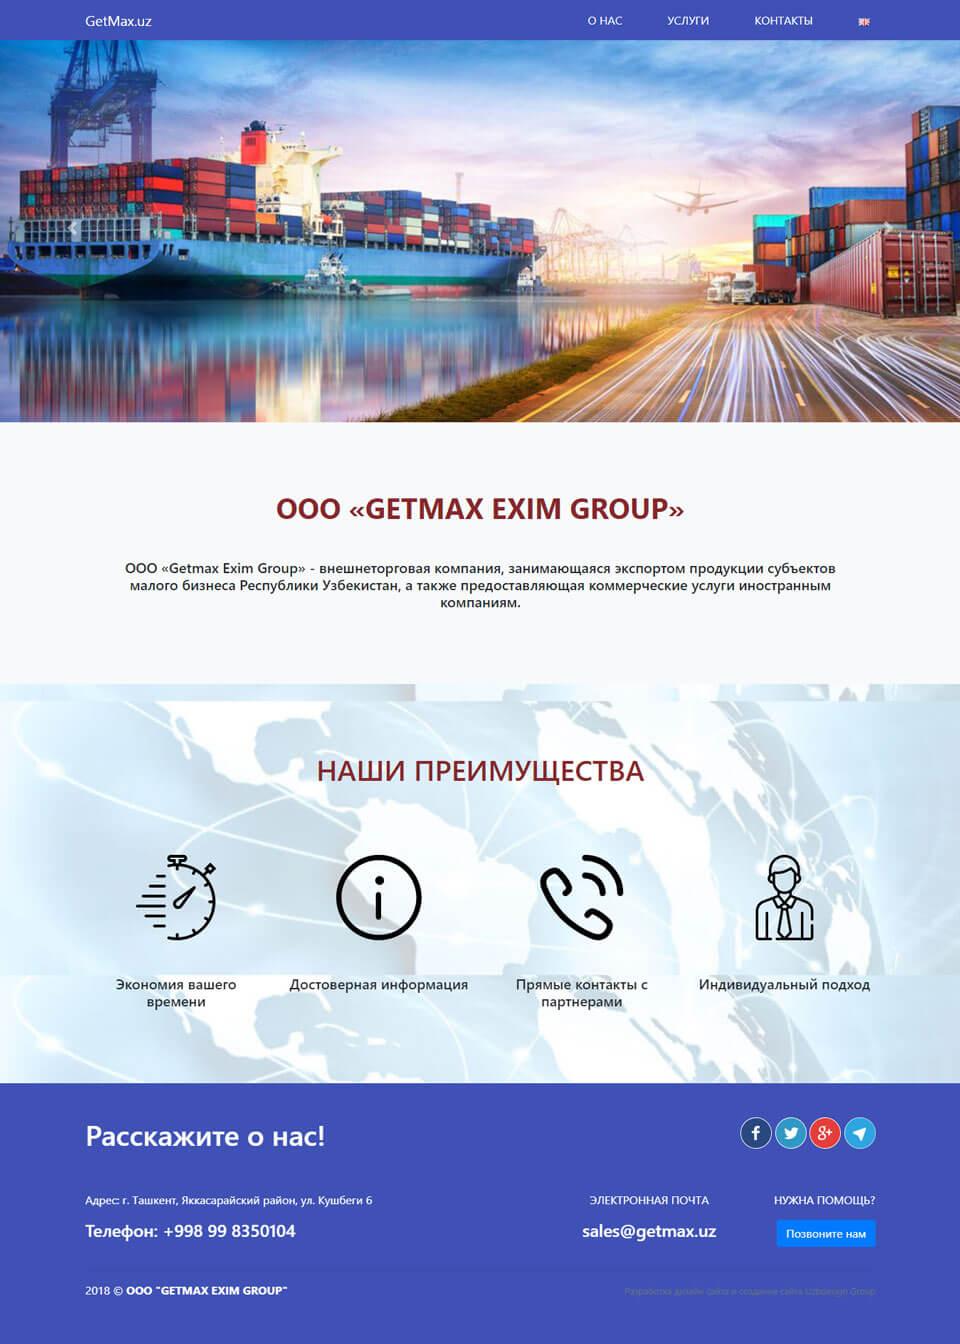 Разработка дизайн сайта и создание сайта для GETMAX EXIM GROUP